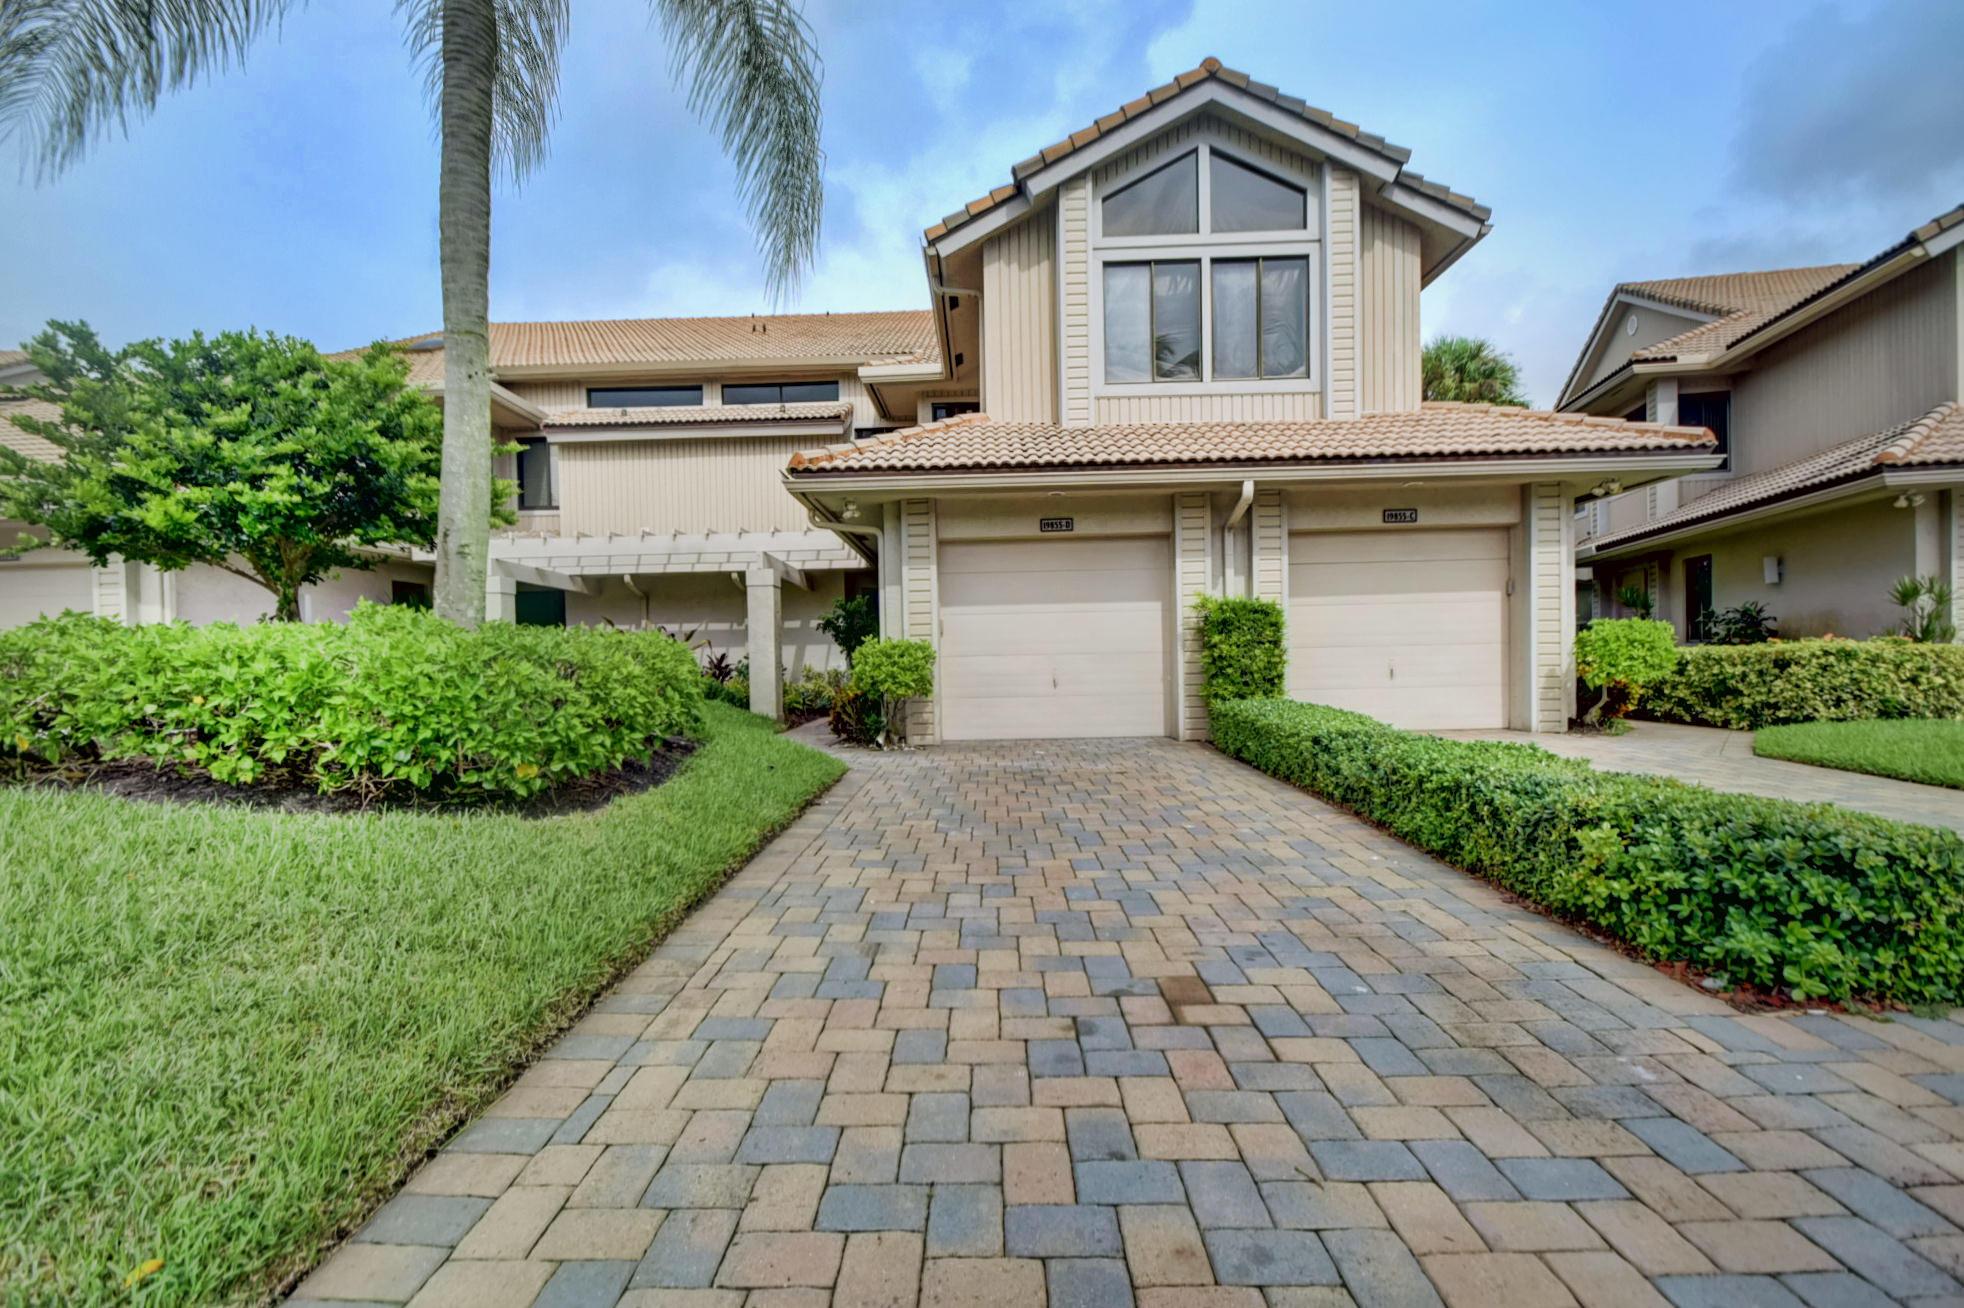 19855  Planters Boulevard D For Sale 10601704, FL